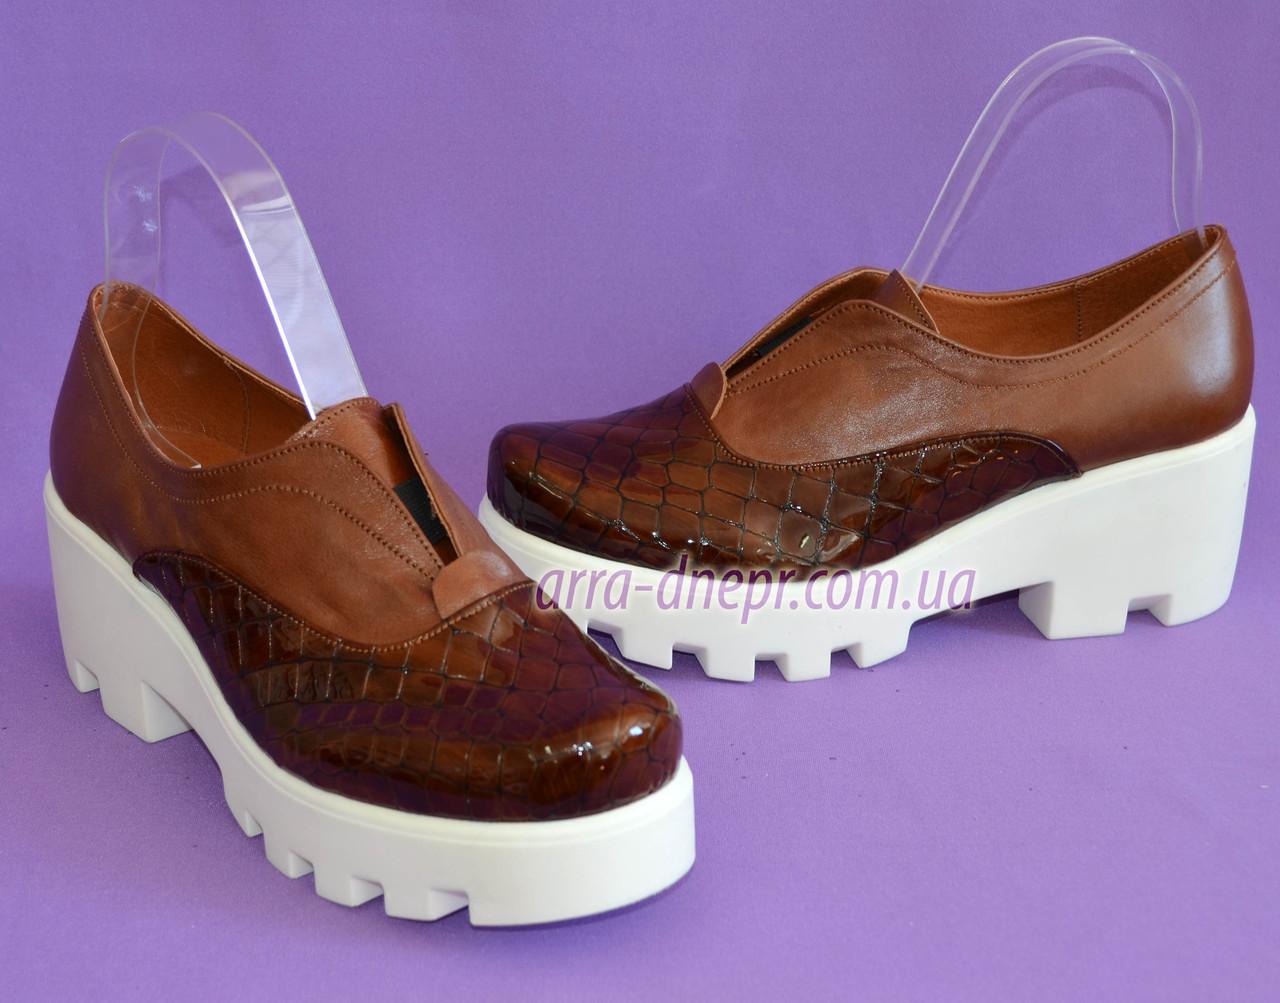 Женские коричневые туфли на утолщенной белой подошве, кожа и кожа рептилия.